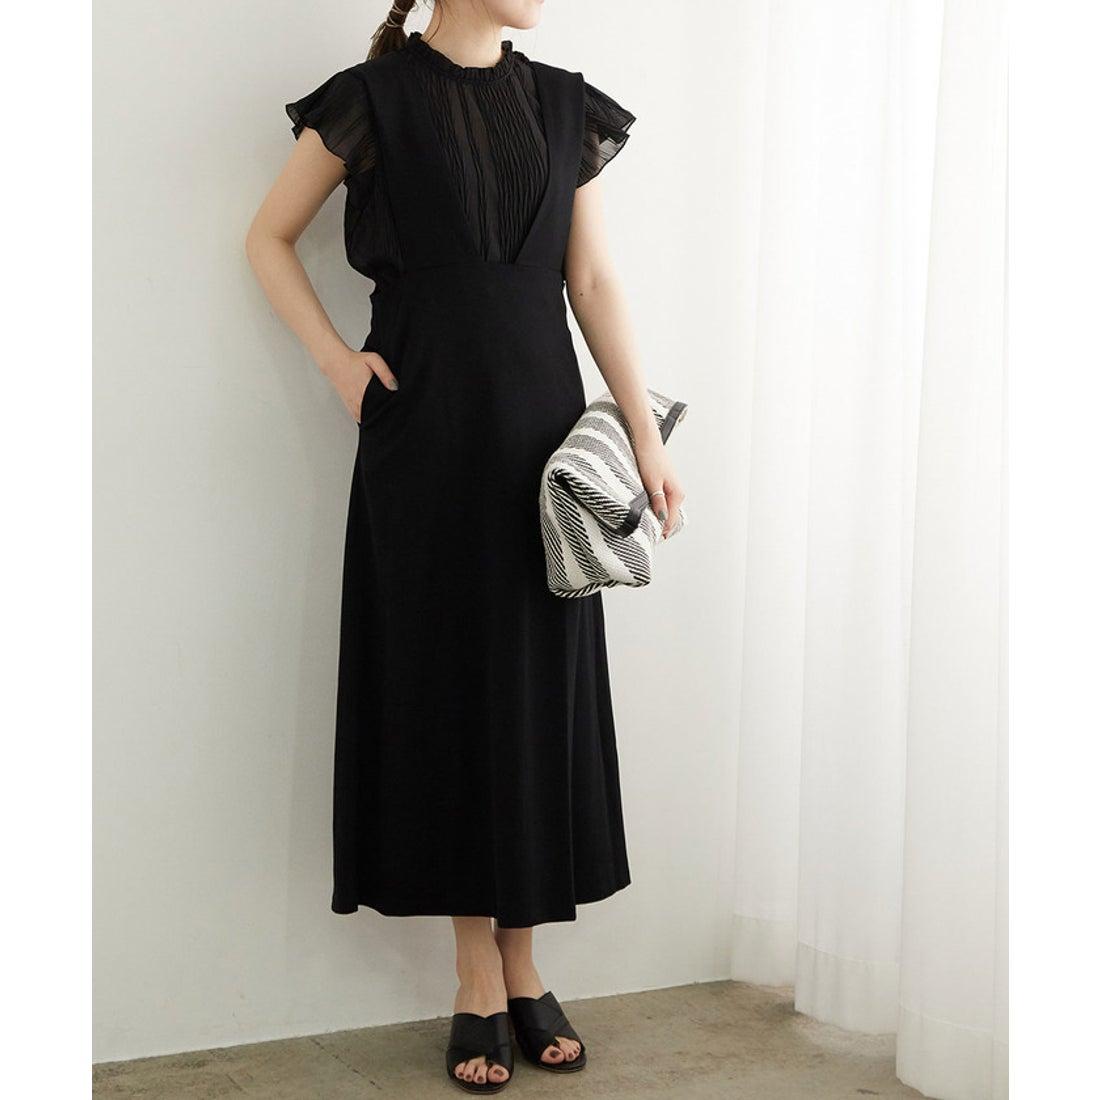 ロコンド 靴とファッションの通販サイトROPE' PICNIC 【新色追加】バック釦ジャンパースカート(ブラック(01))【返品不可商品】